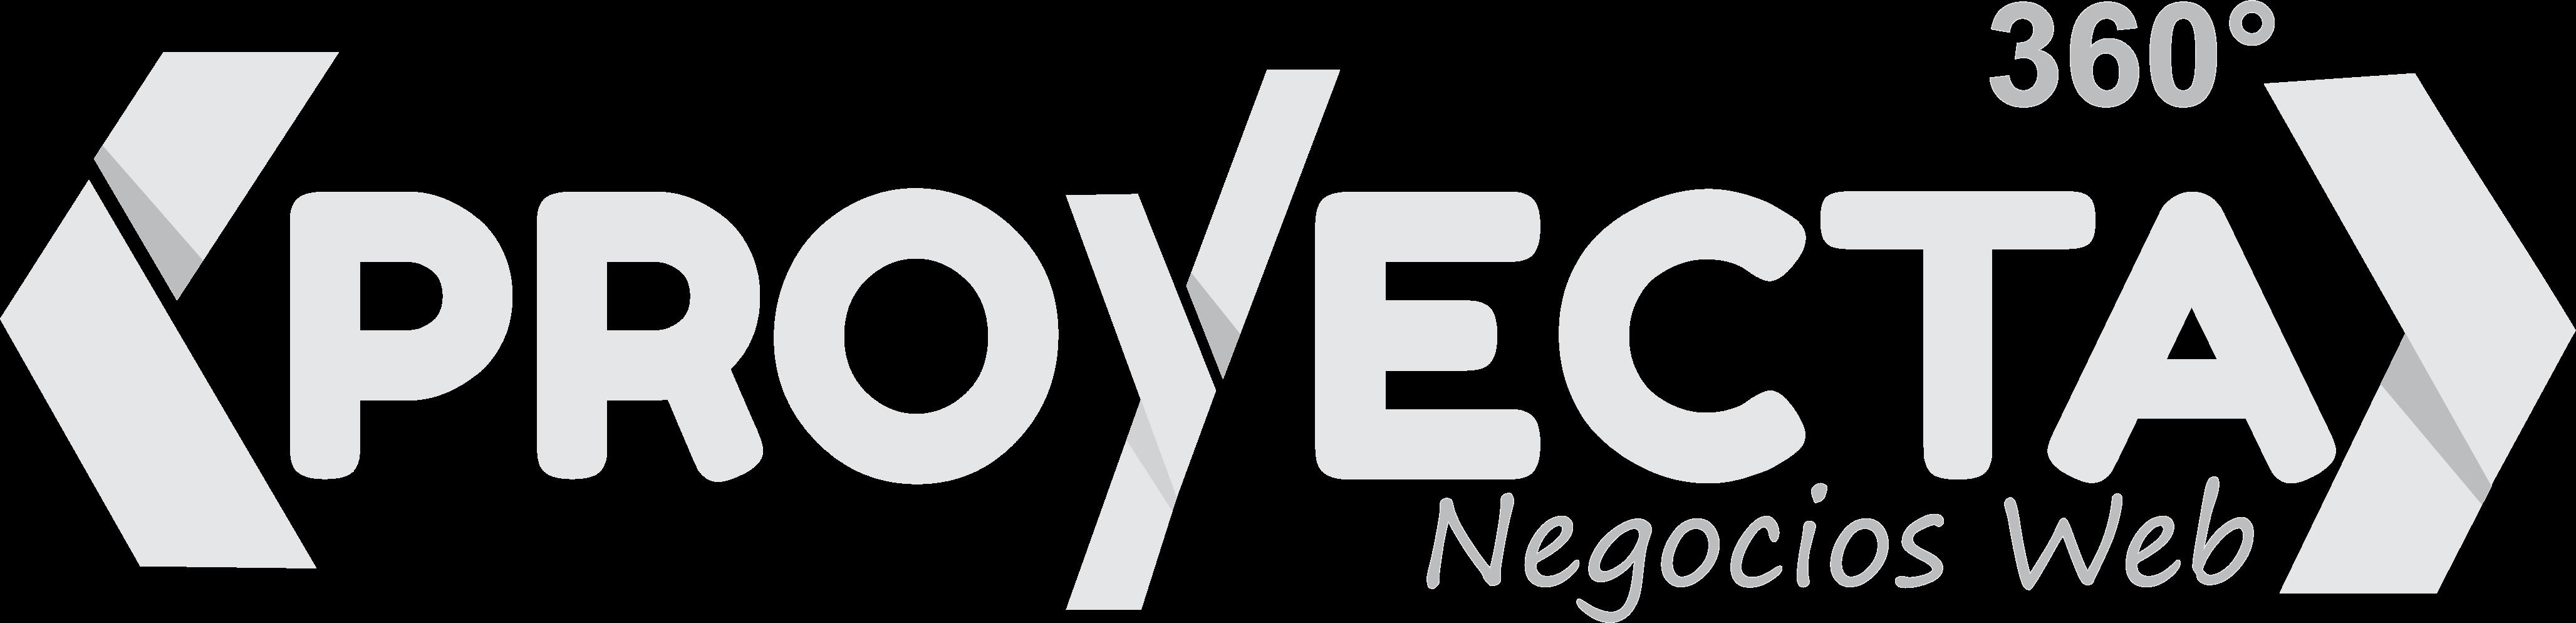 Logo Grises Proyecta360 Negocios Web